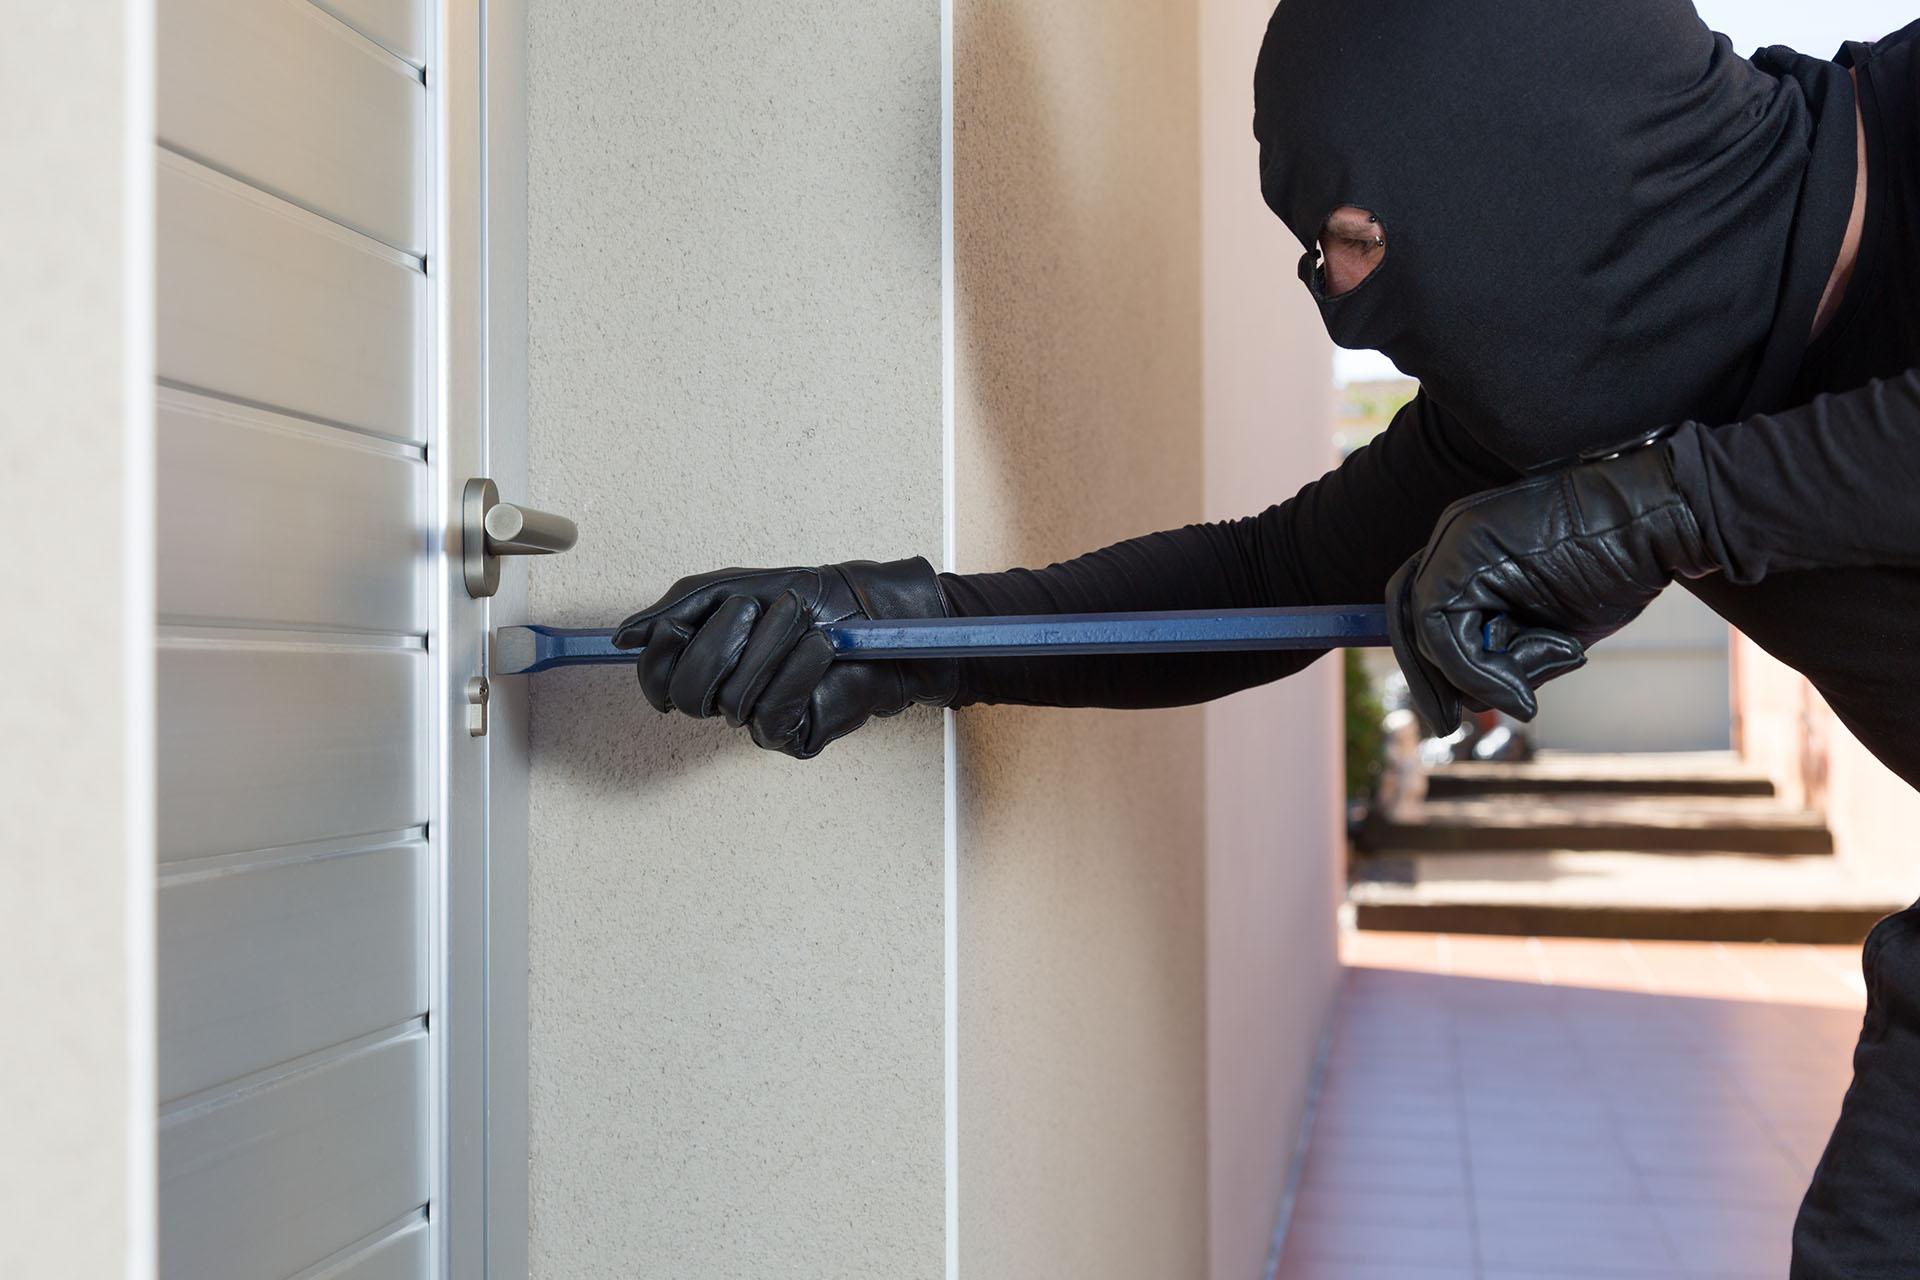 Jak vybrat správné zabezpečení domu a bytu